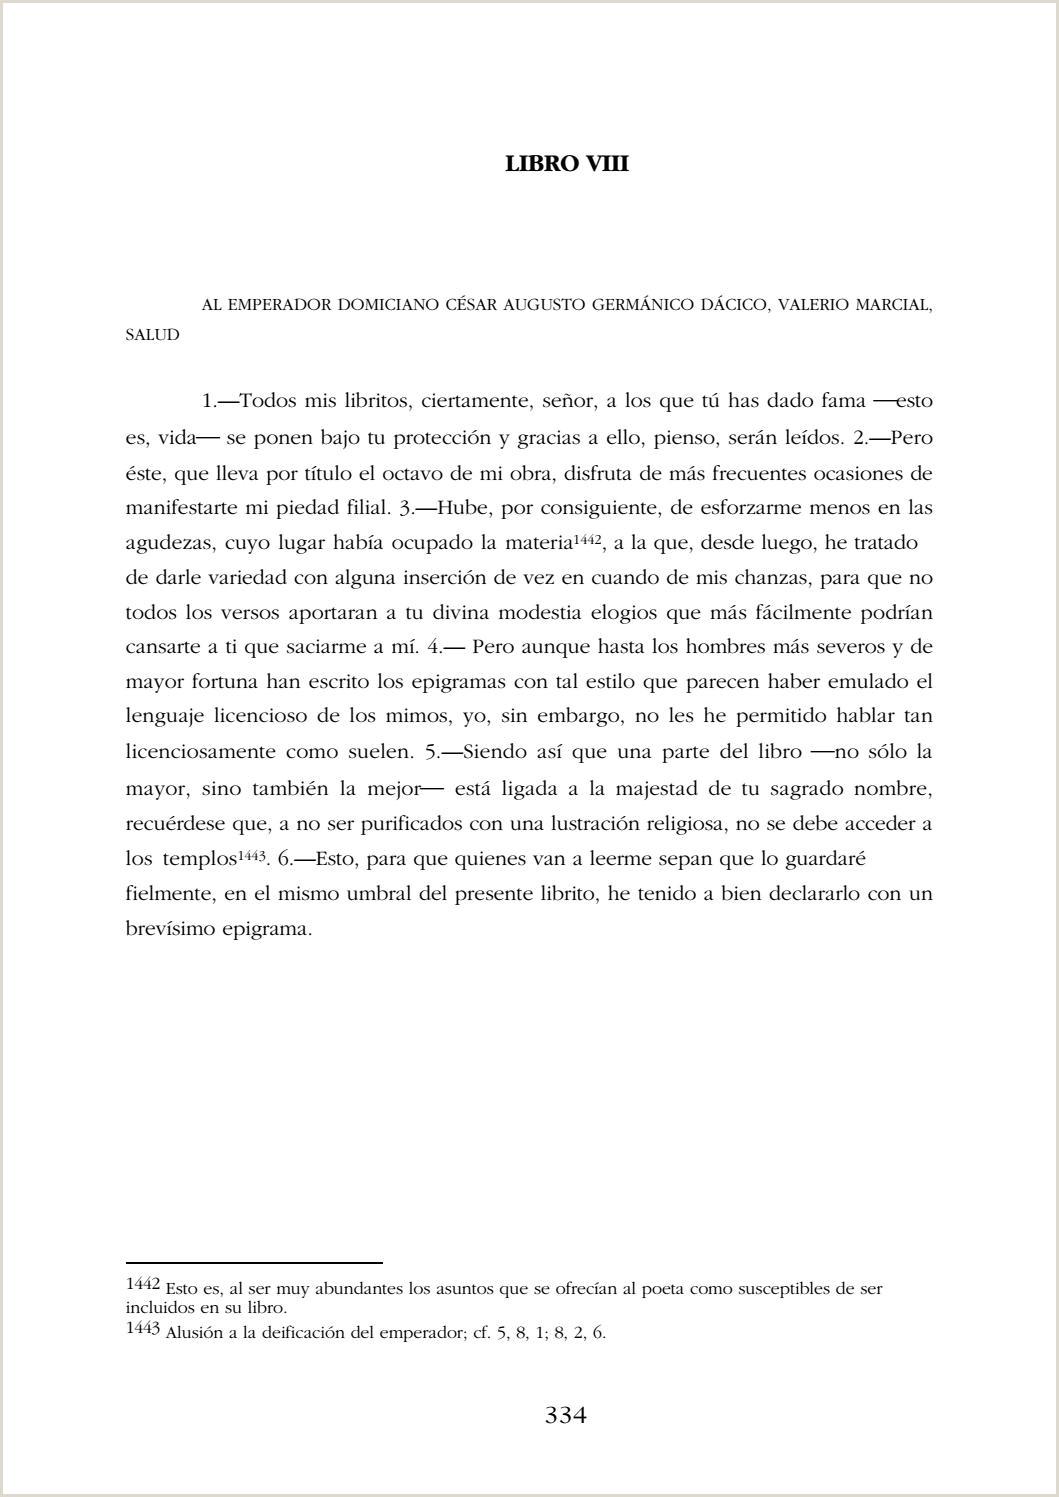 Como Hago Una Hoja De Vida Minerva Epigramas De Marco Valerio Marcial Págs 334 644 by